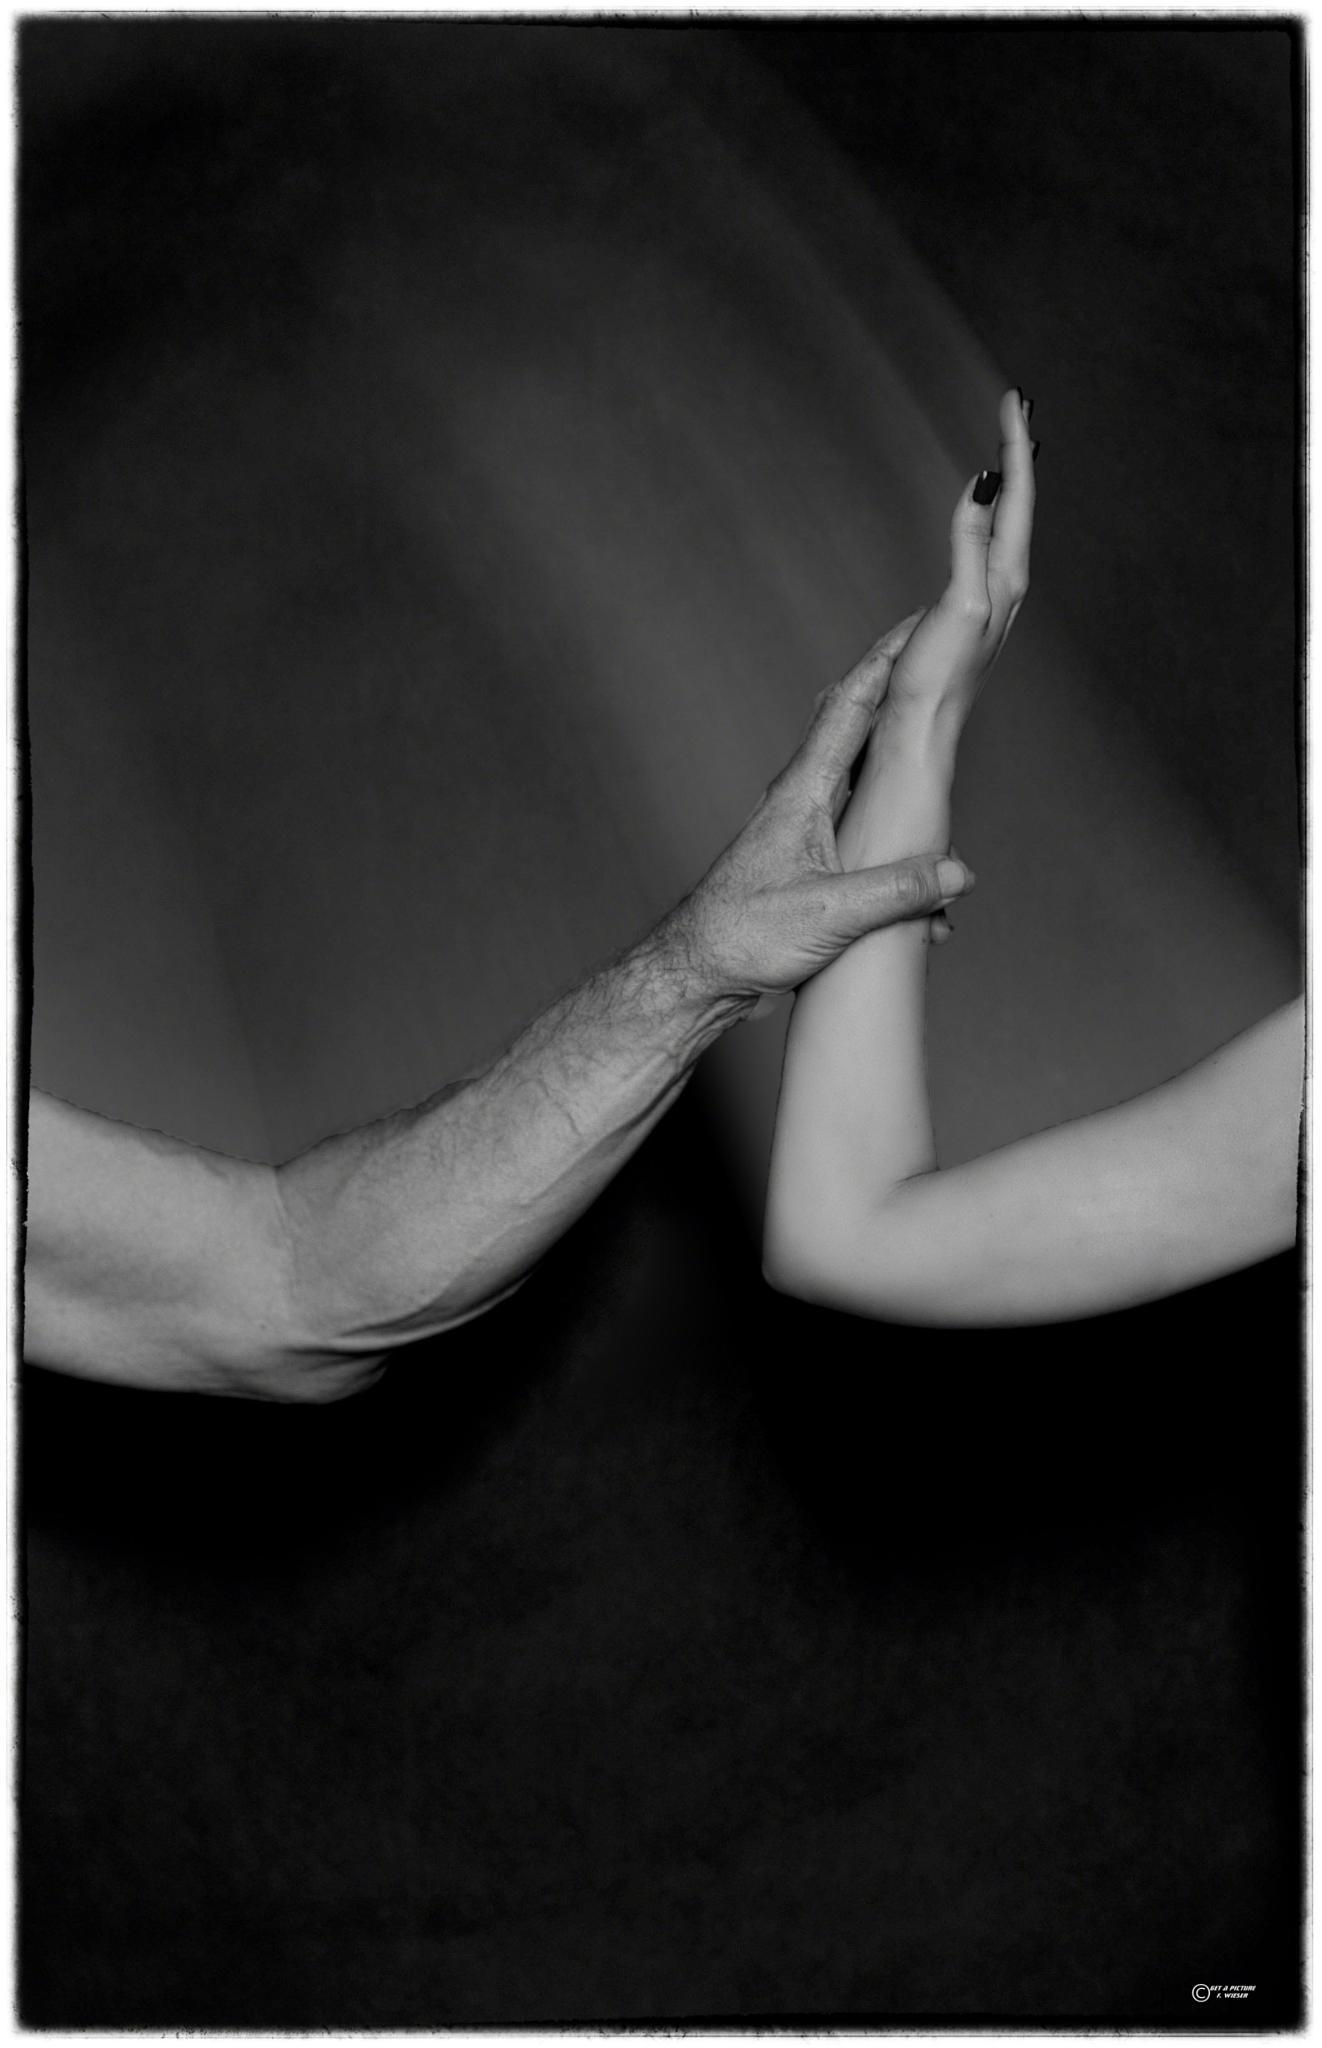 Touch by Friedrich Wieser